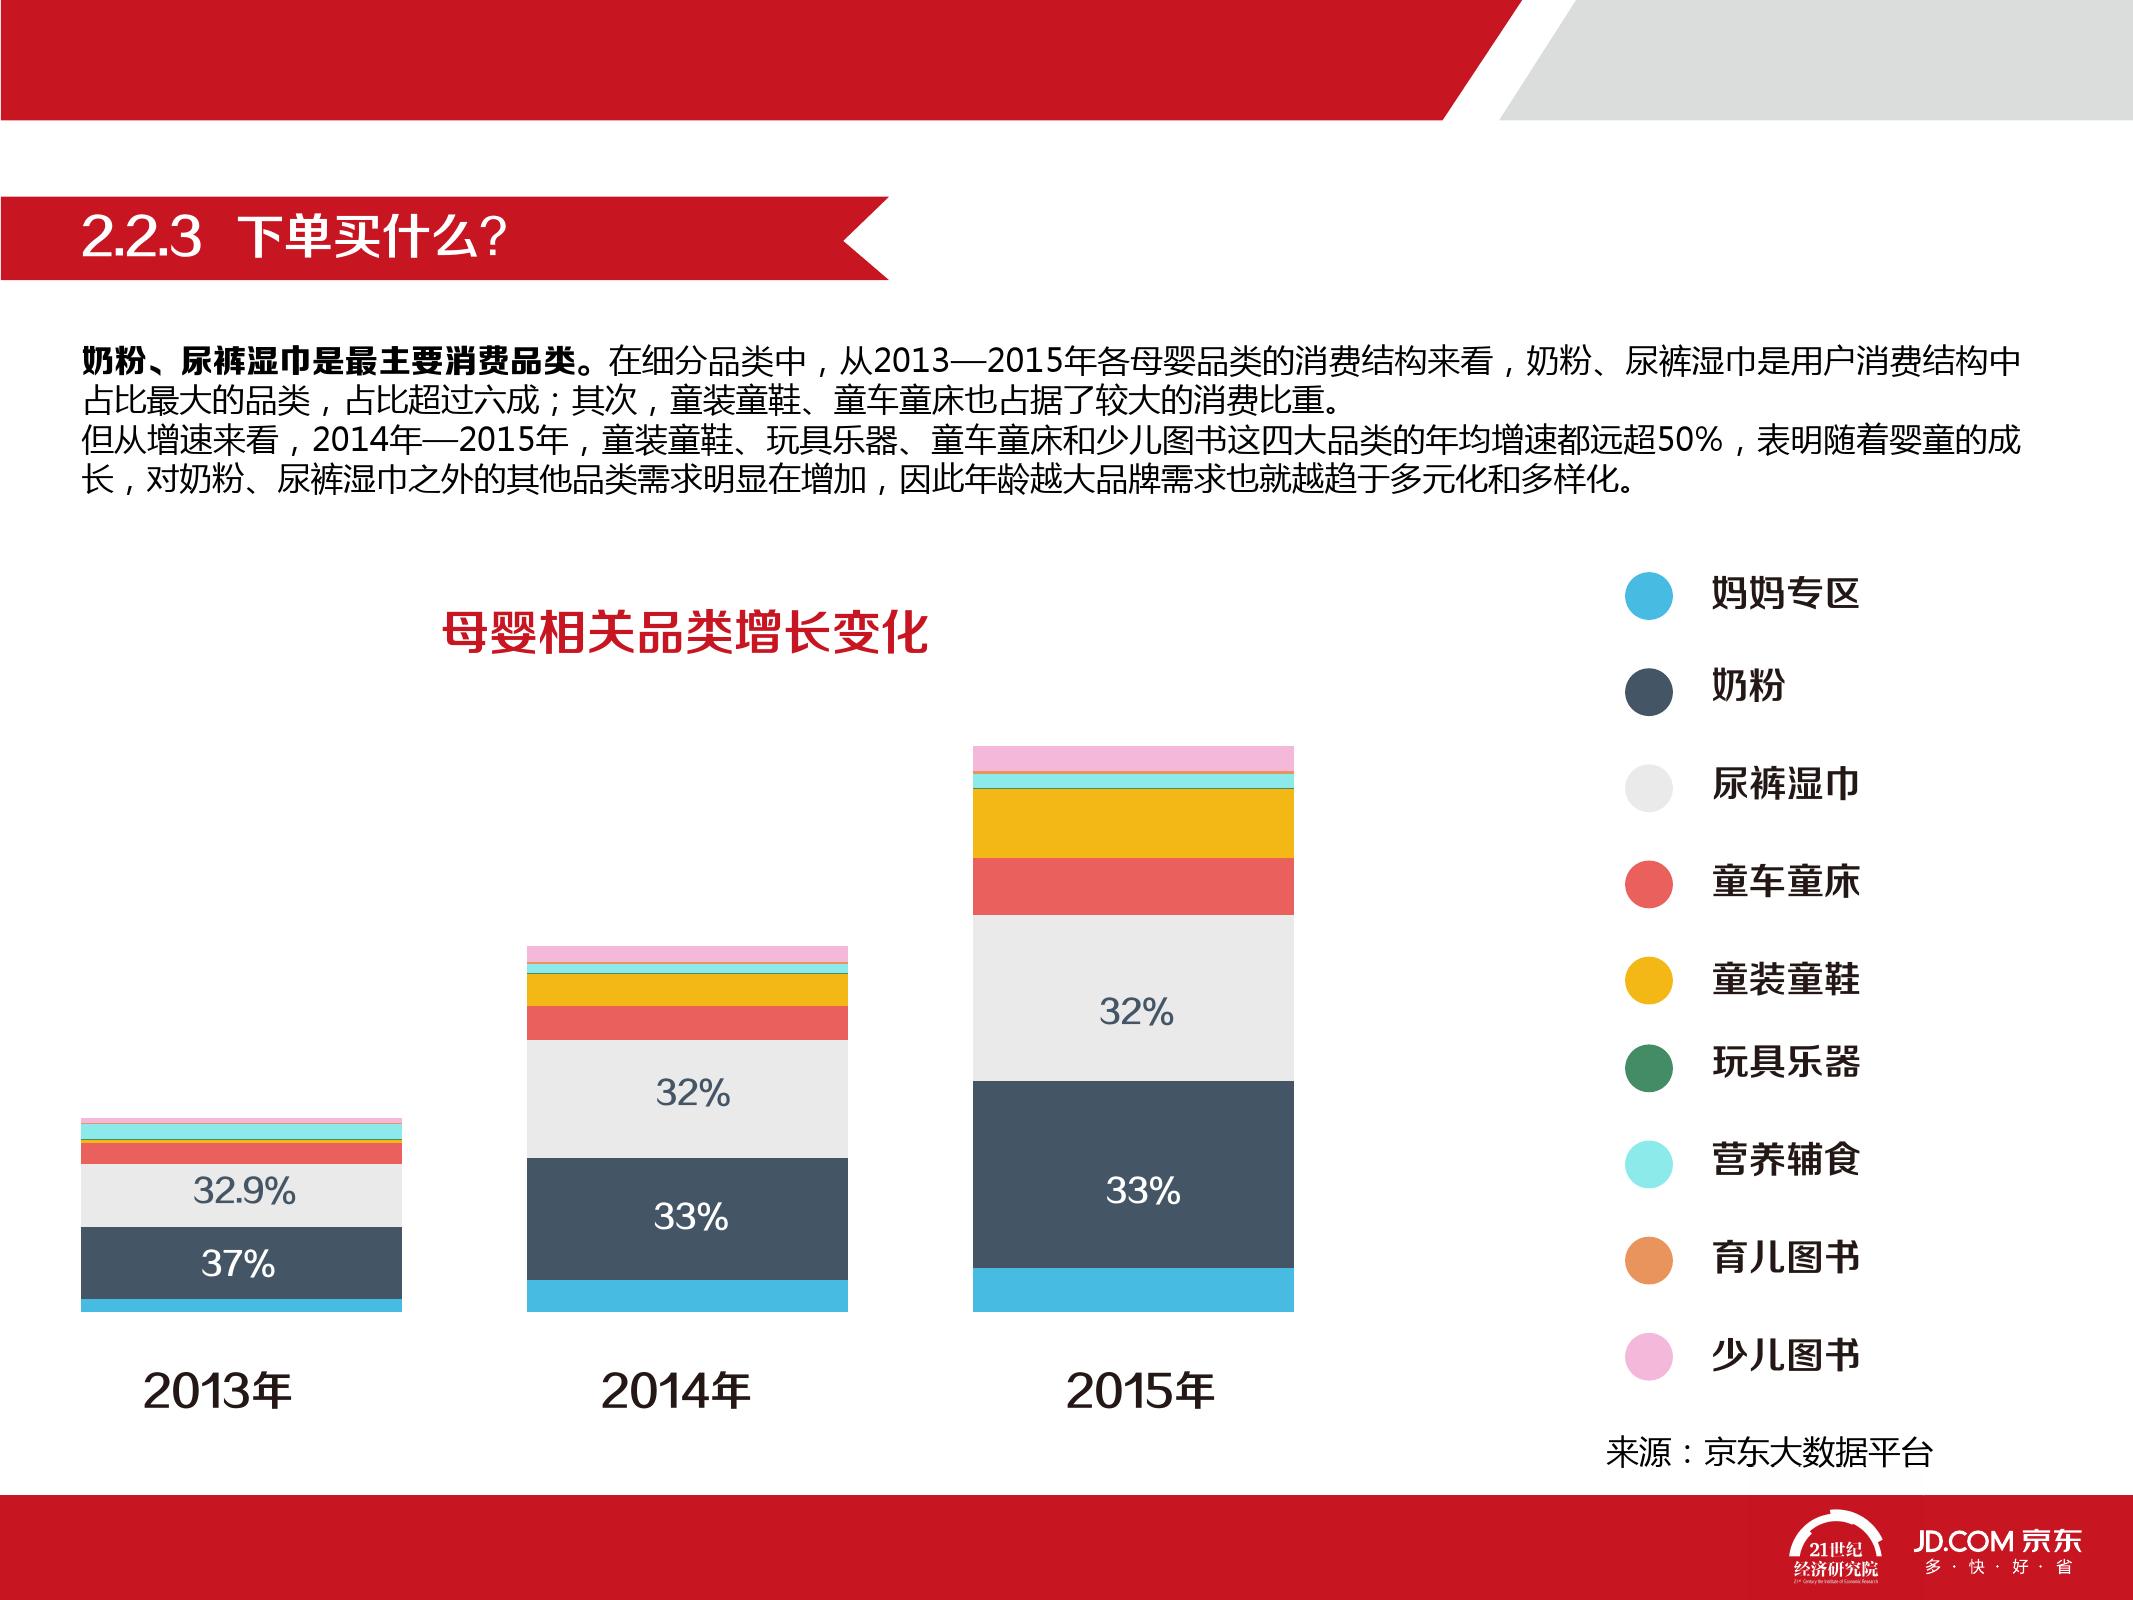 2016中国母婴产品消费趋势报告_000025